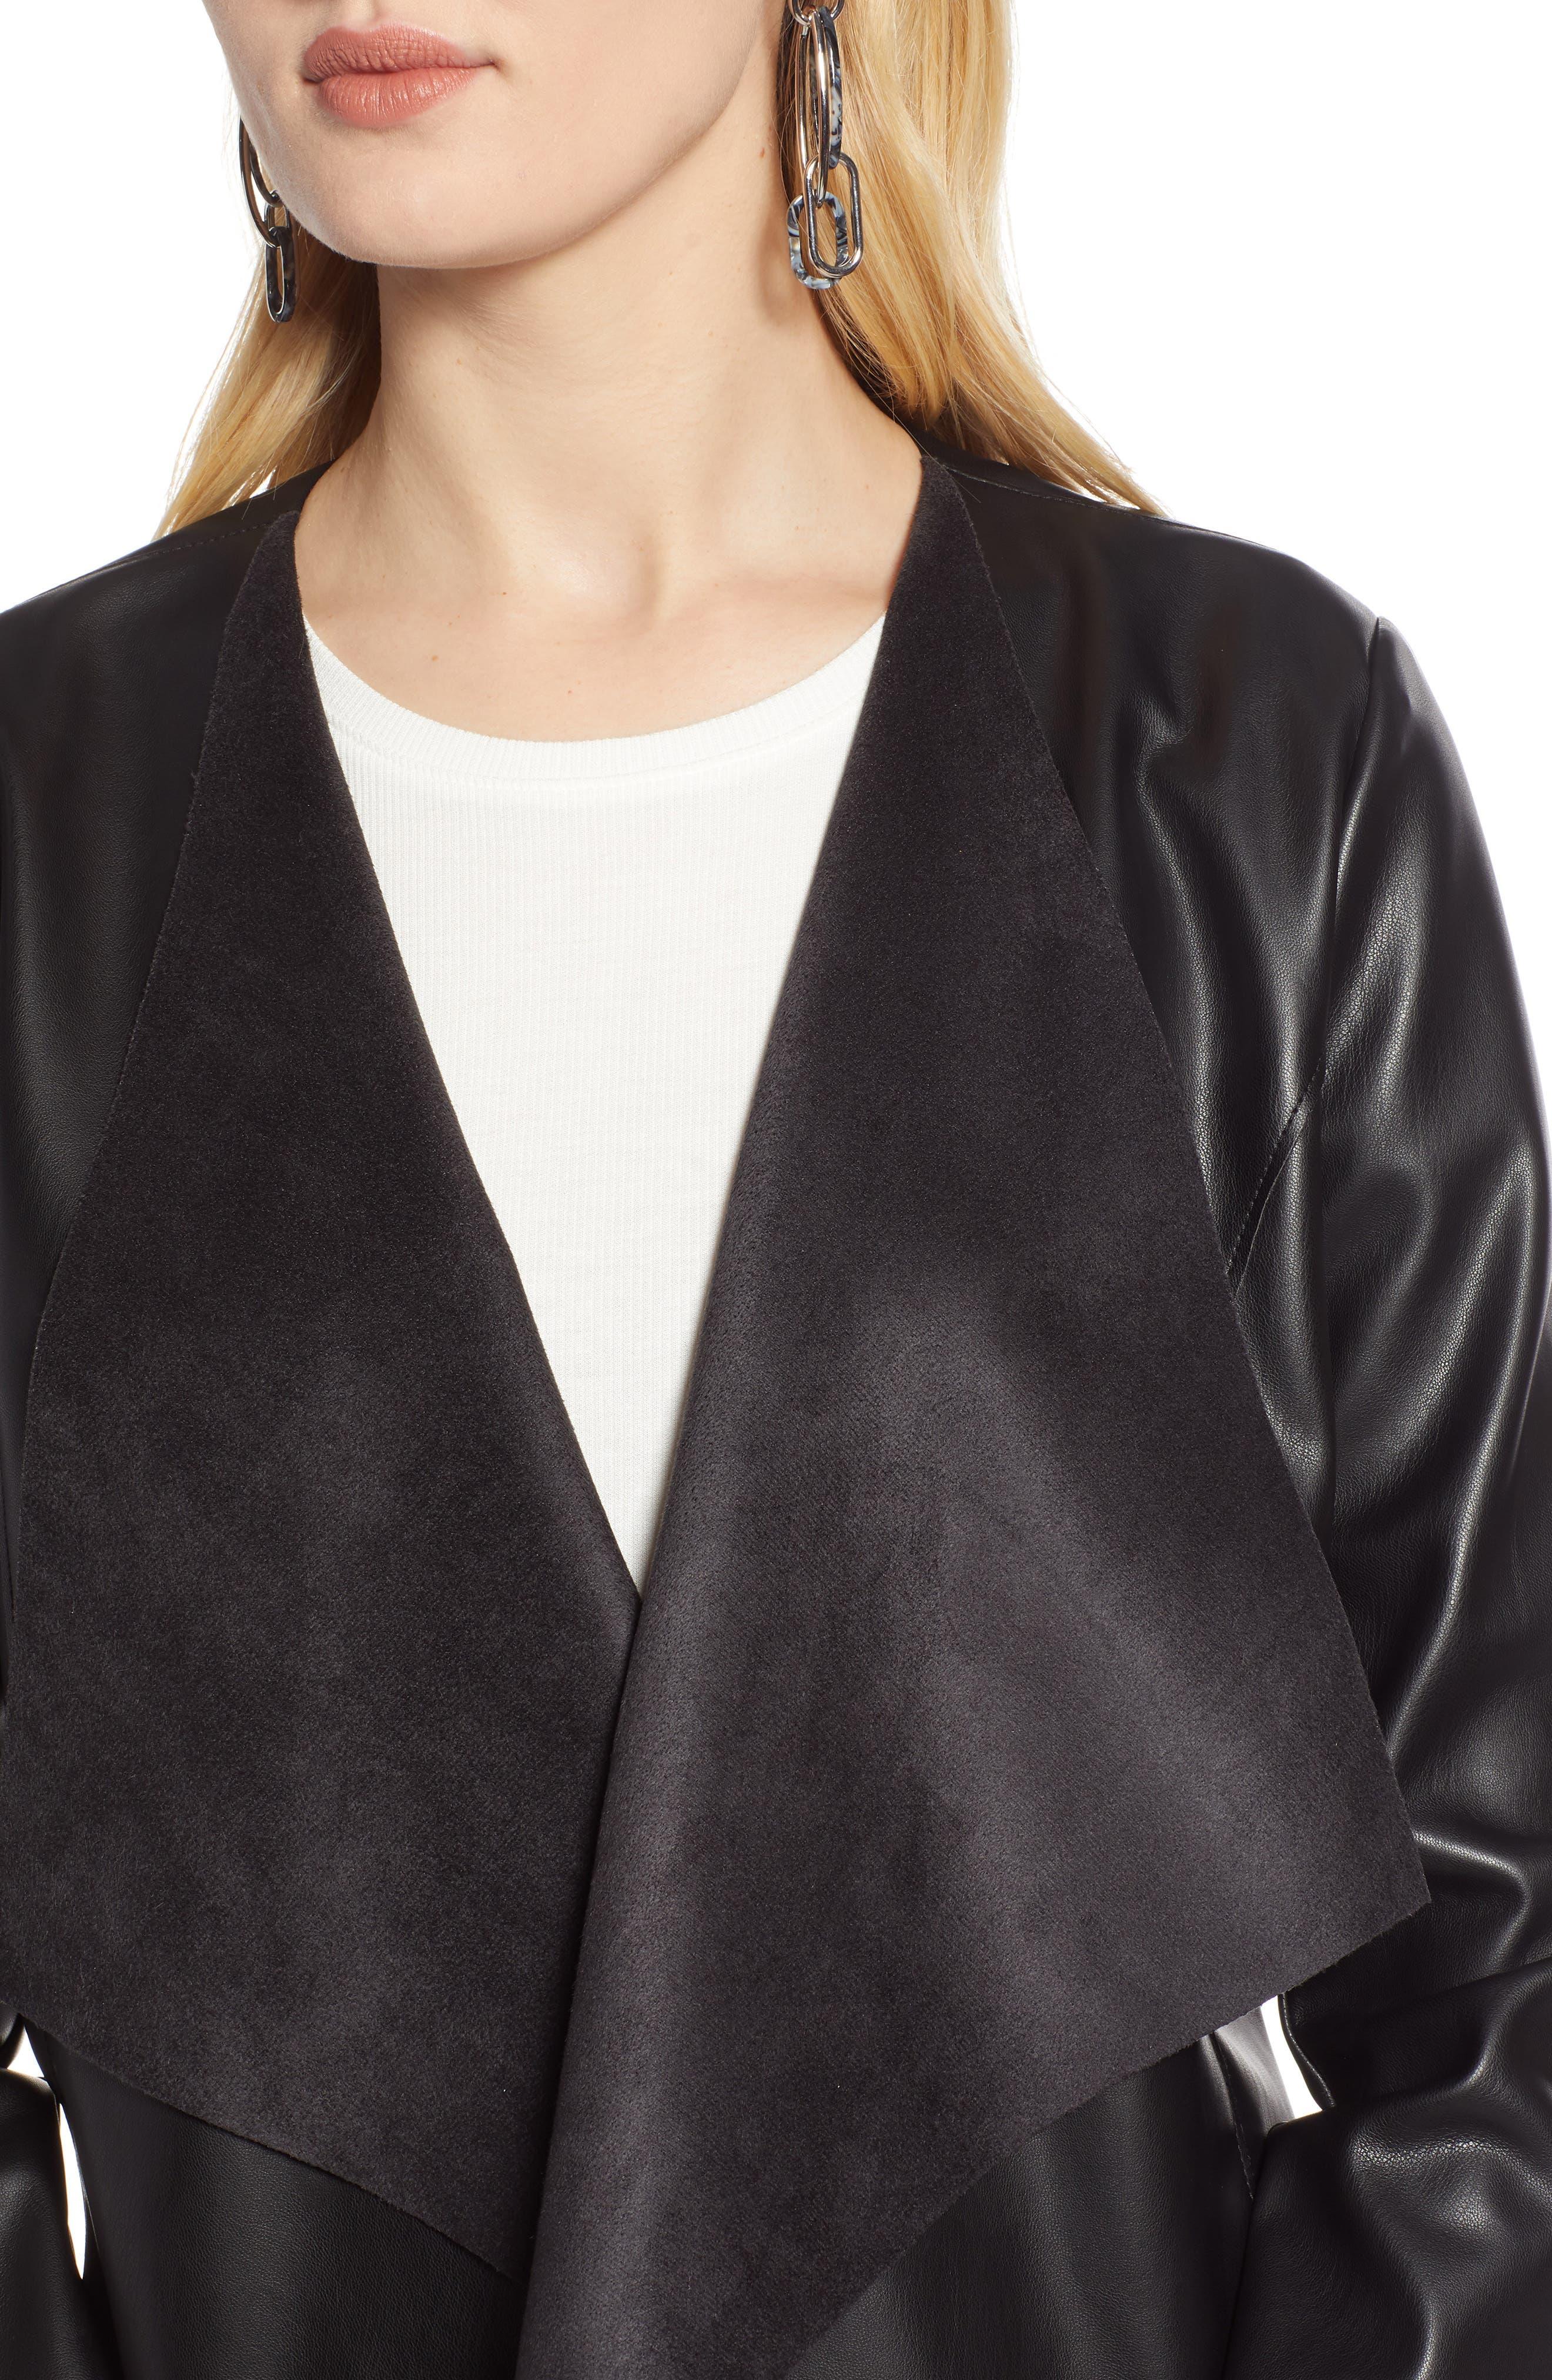 HALOGEN<SUP>®</SUP>, Drape Faux Leather Jacket, Alternate thumbnail 5, color, BLACK